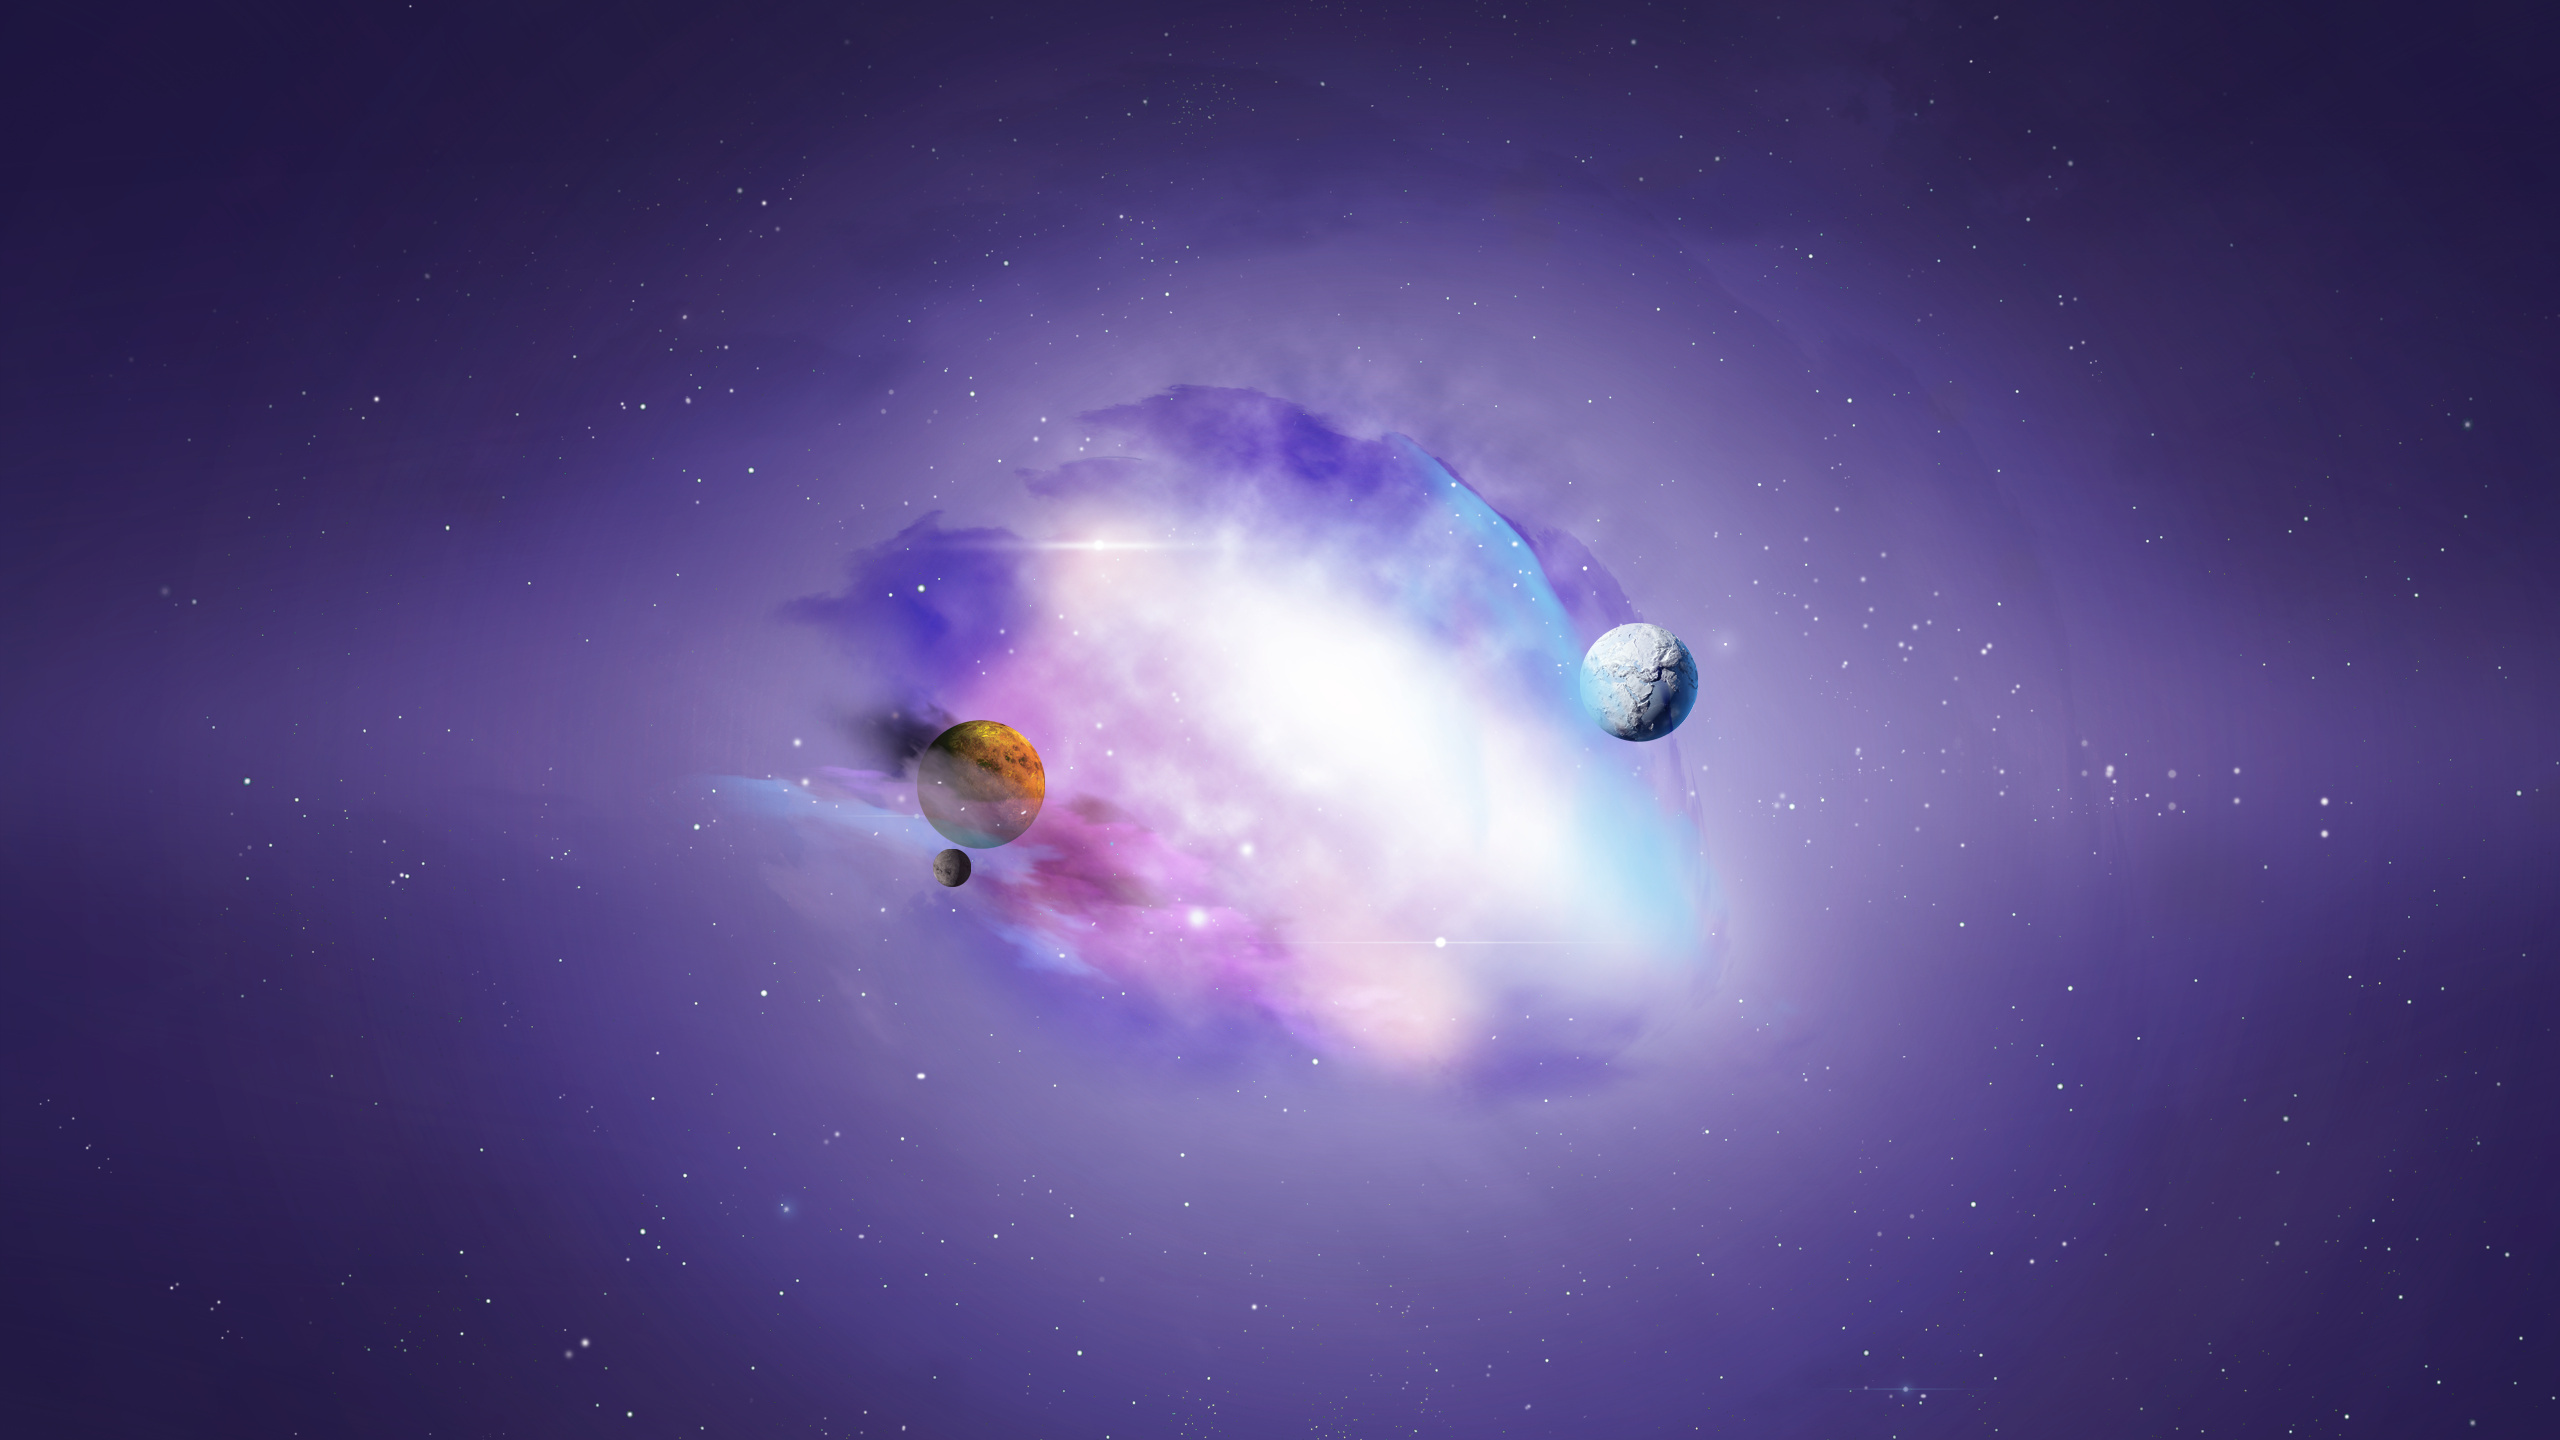 Обои галактика космос свет картинки на рабочий стол на тему Космос - скачать  № 1758641 без смс